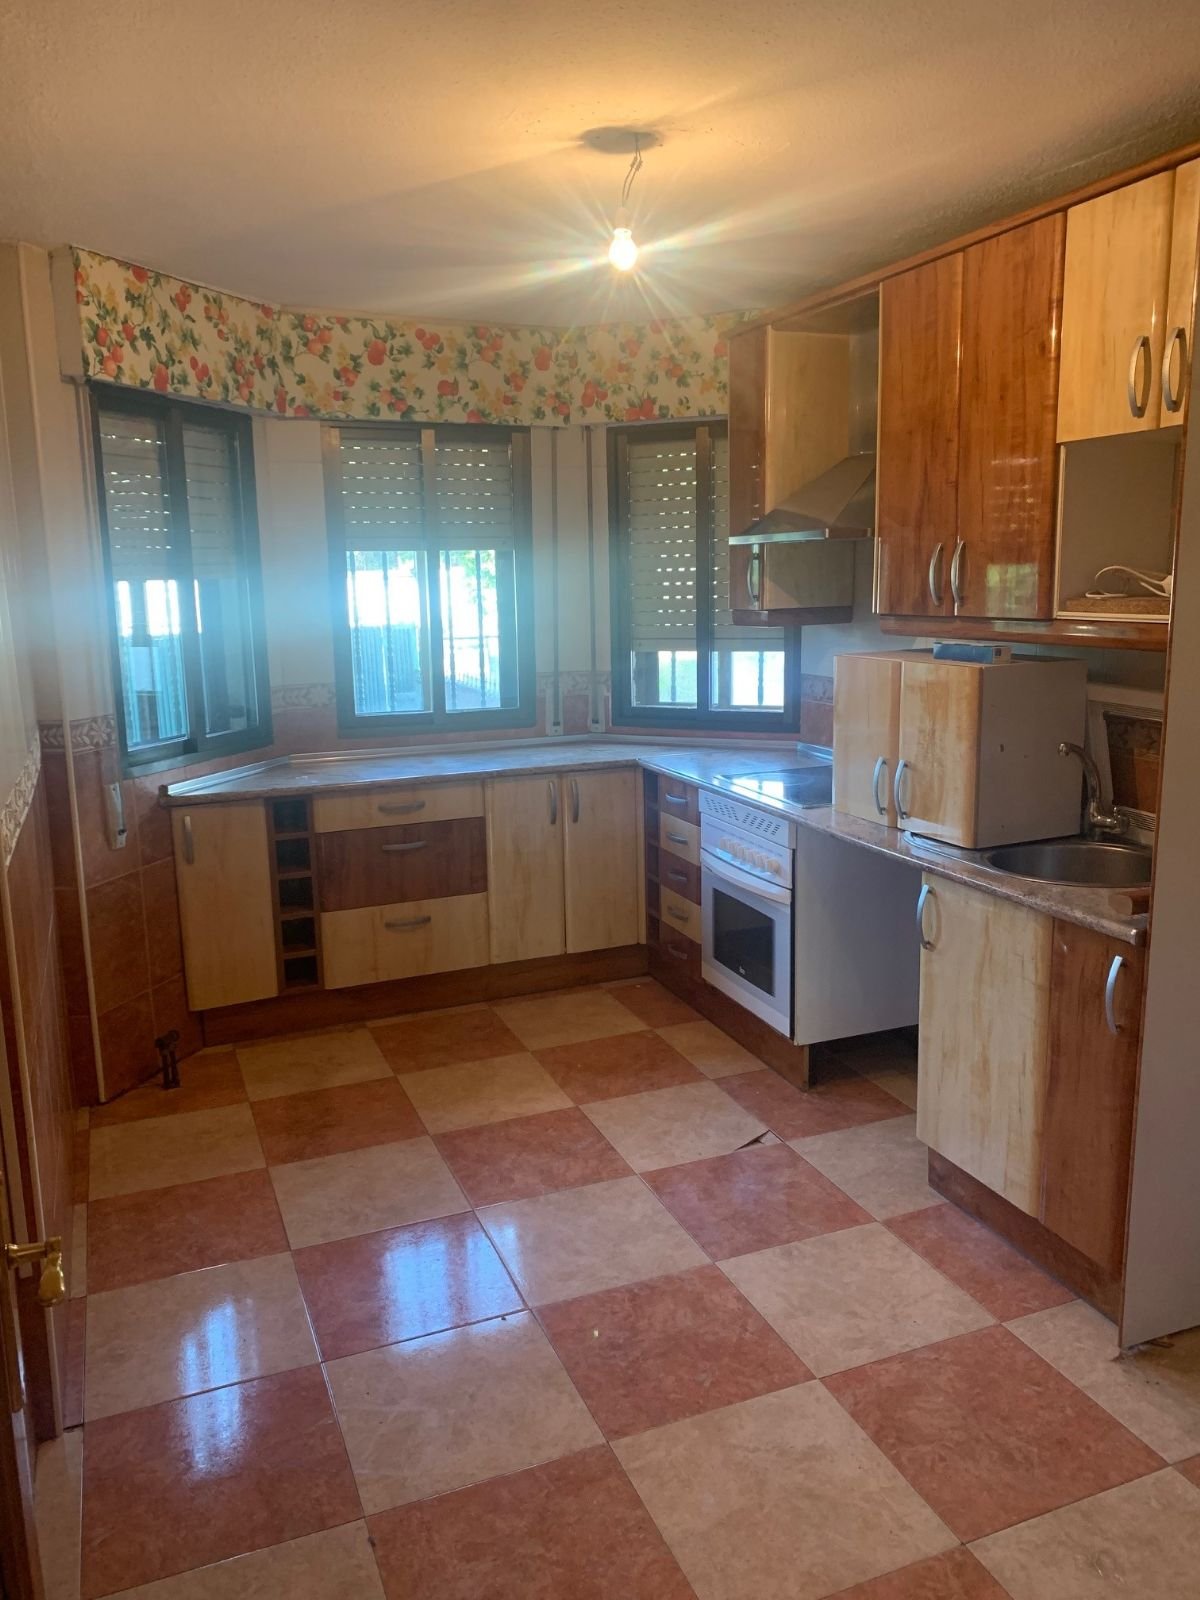 Casa en venta en Ajalvir, Madrid, Calle Fresno, 275.000 €, 4 habitaciones, 4 baños, 200 m2